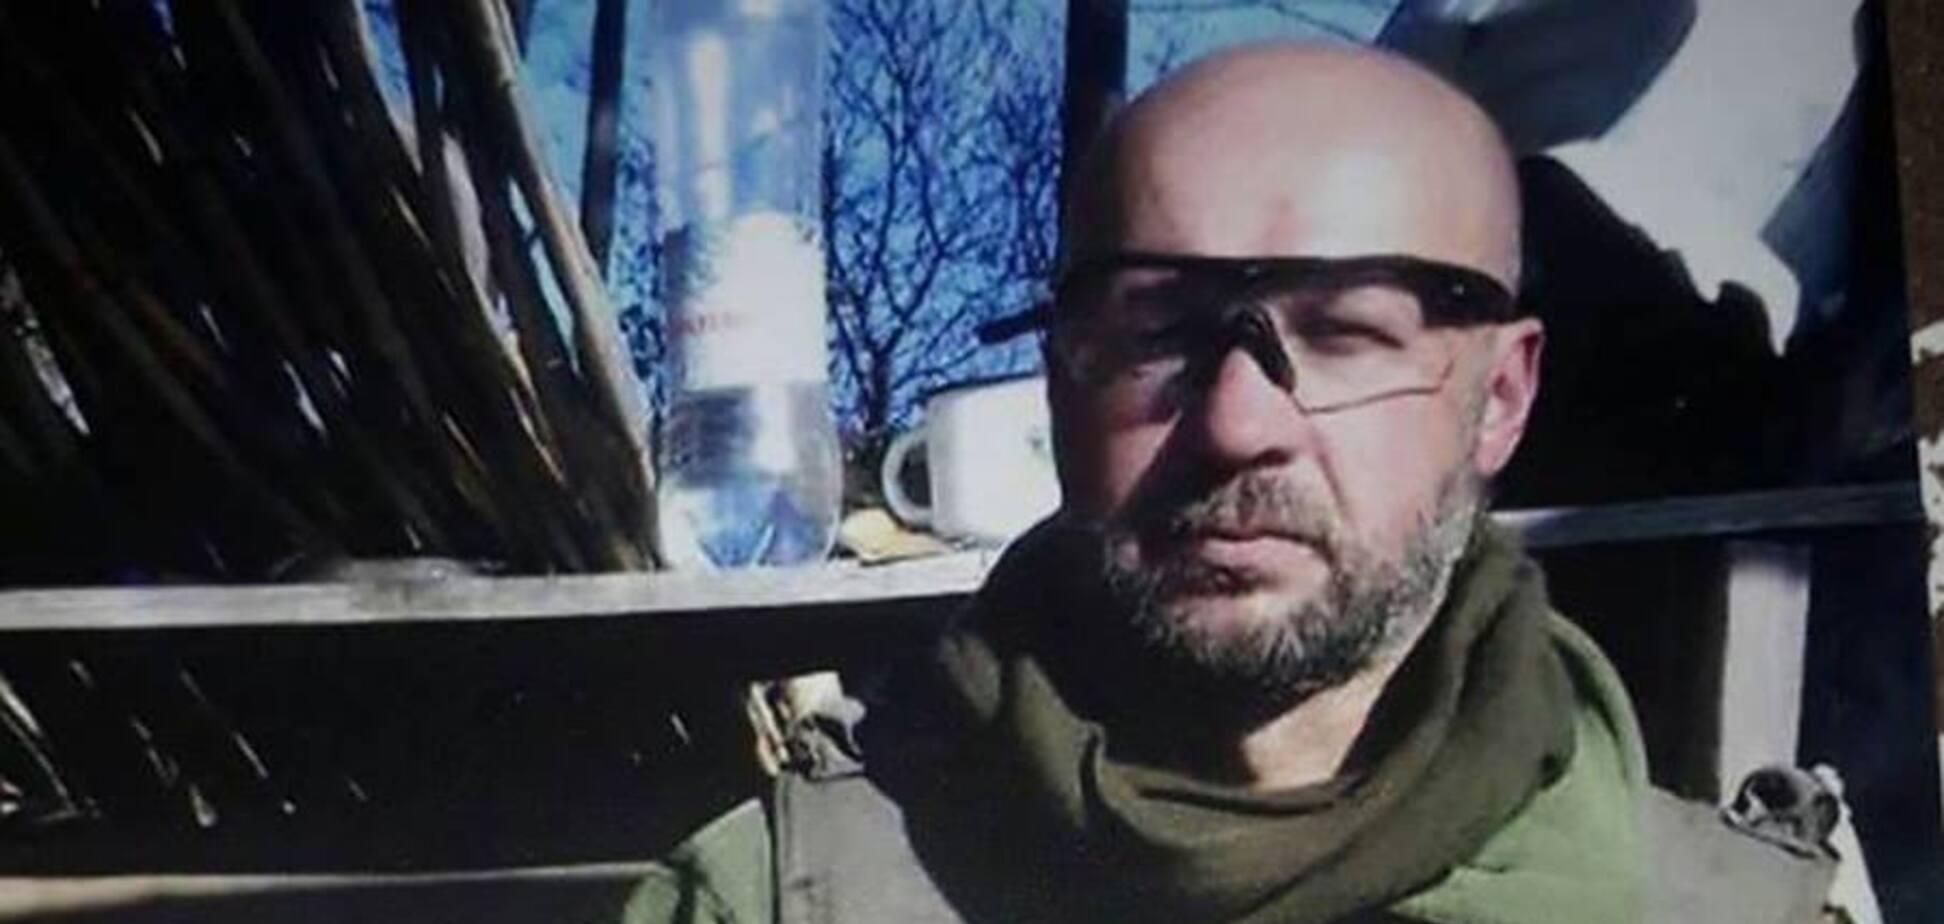 ''Глаза забегали'': в Украине разоблачили видео с допросом пленного бойца ВСУ